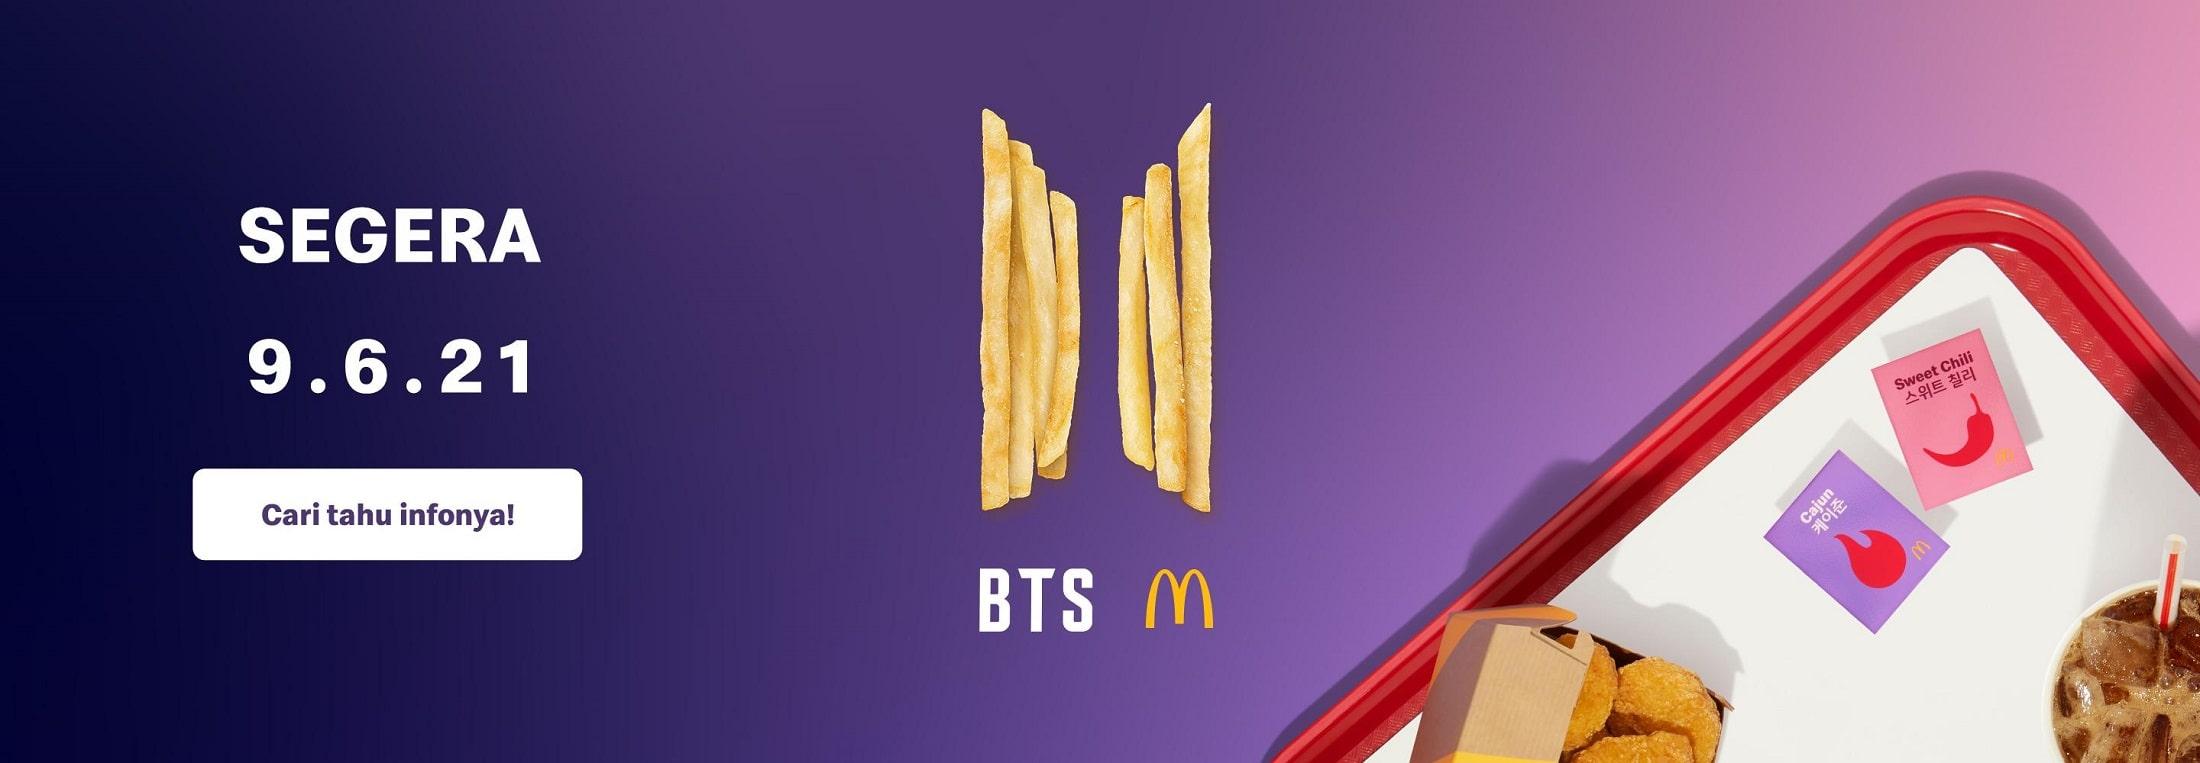 BTS Meal McDonalds Rilis 9 Juni 2021